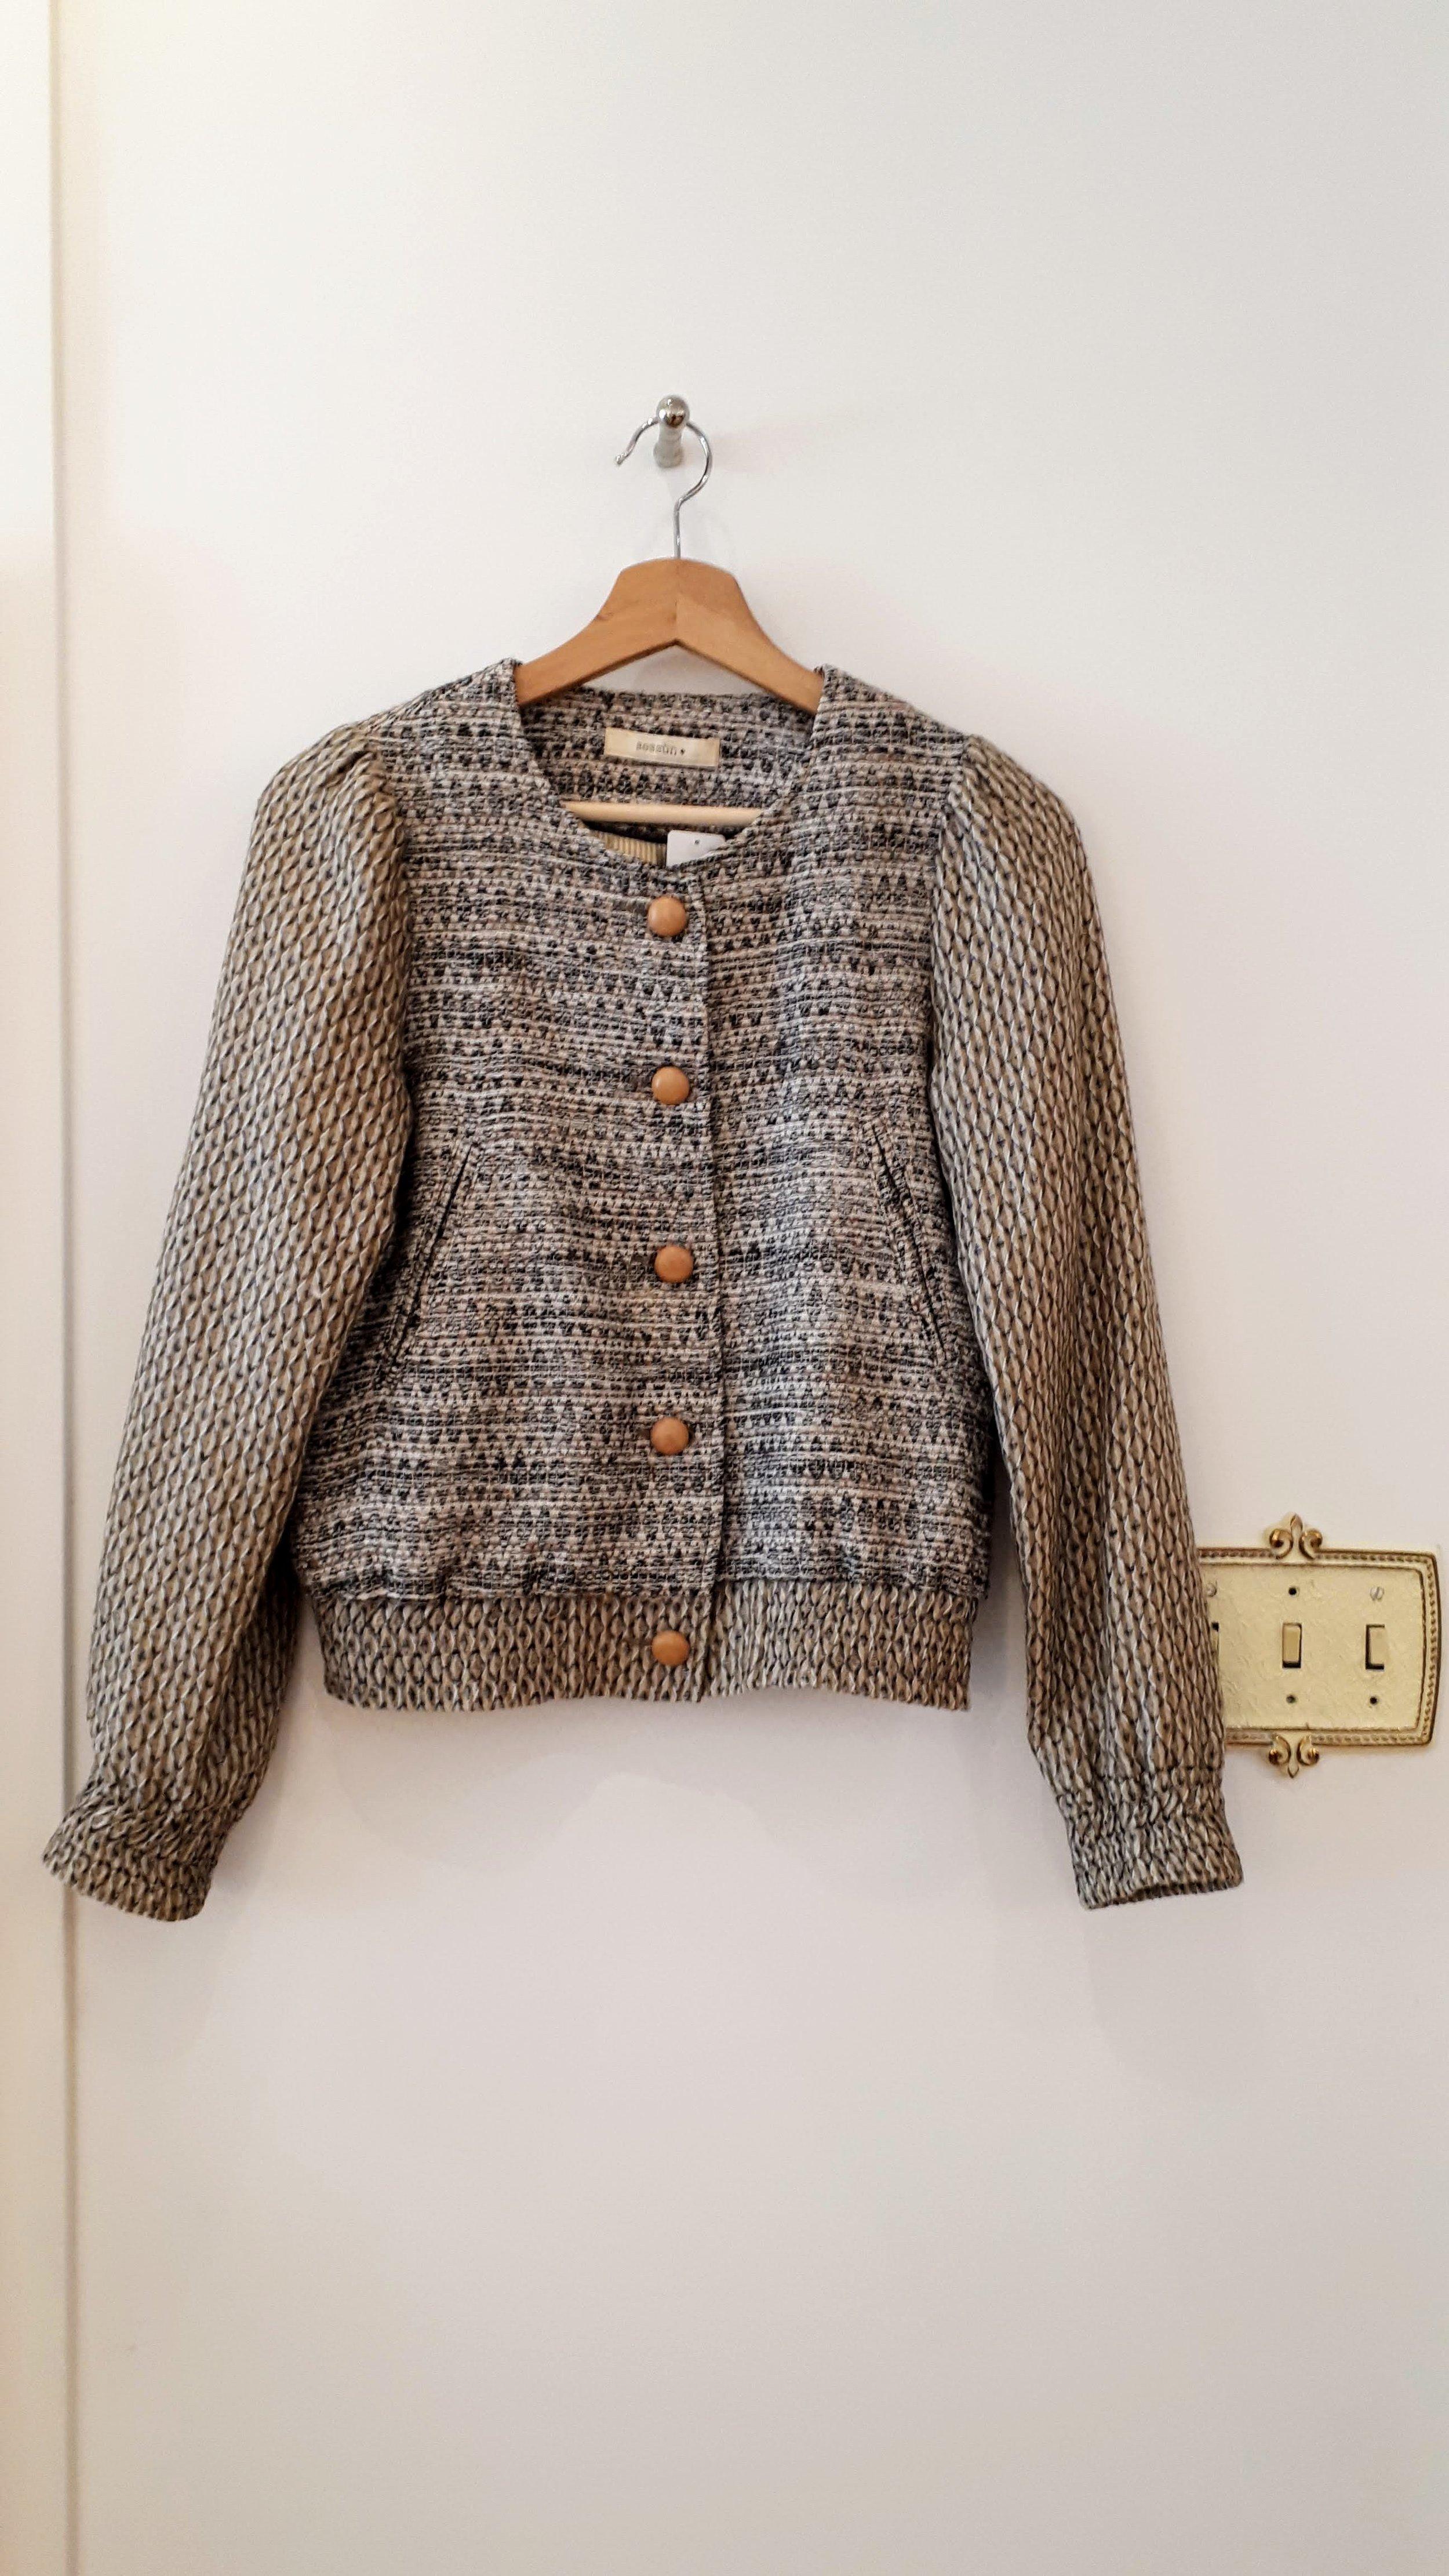 Sessùn jacket; Size S, $56